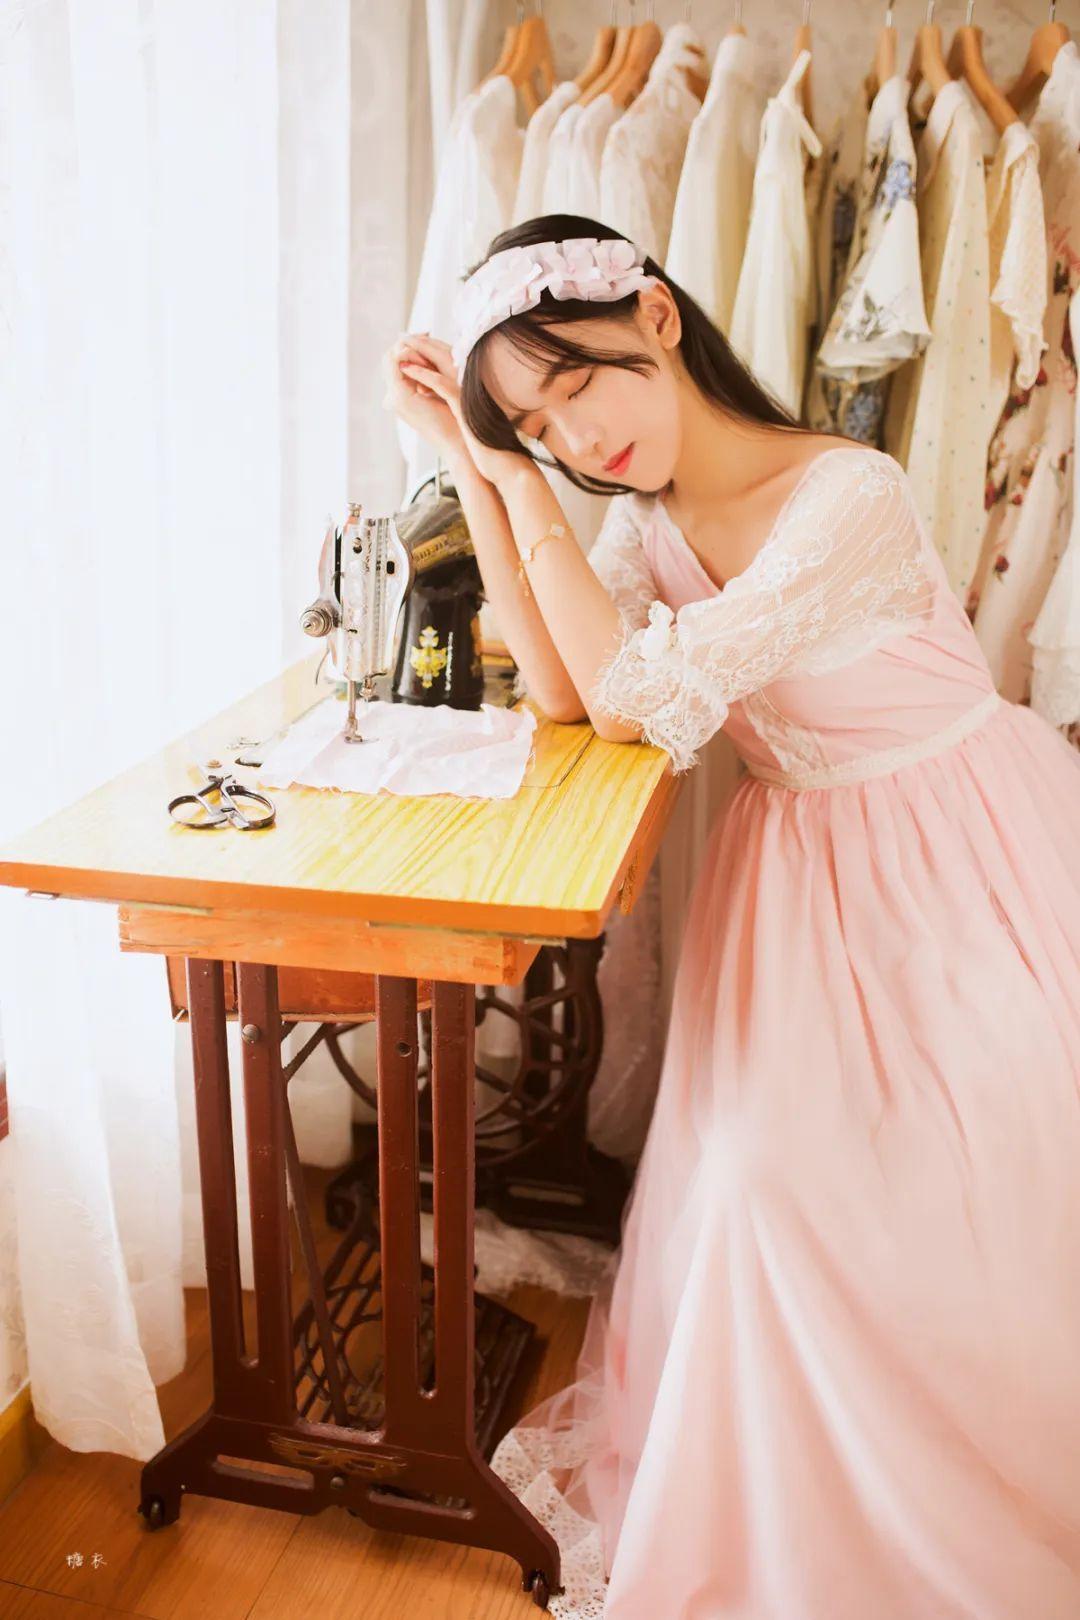 妹子摄影 – 粉色连衣裙姐妹花,双倍快乐_图片 No.1